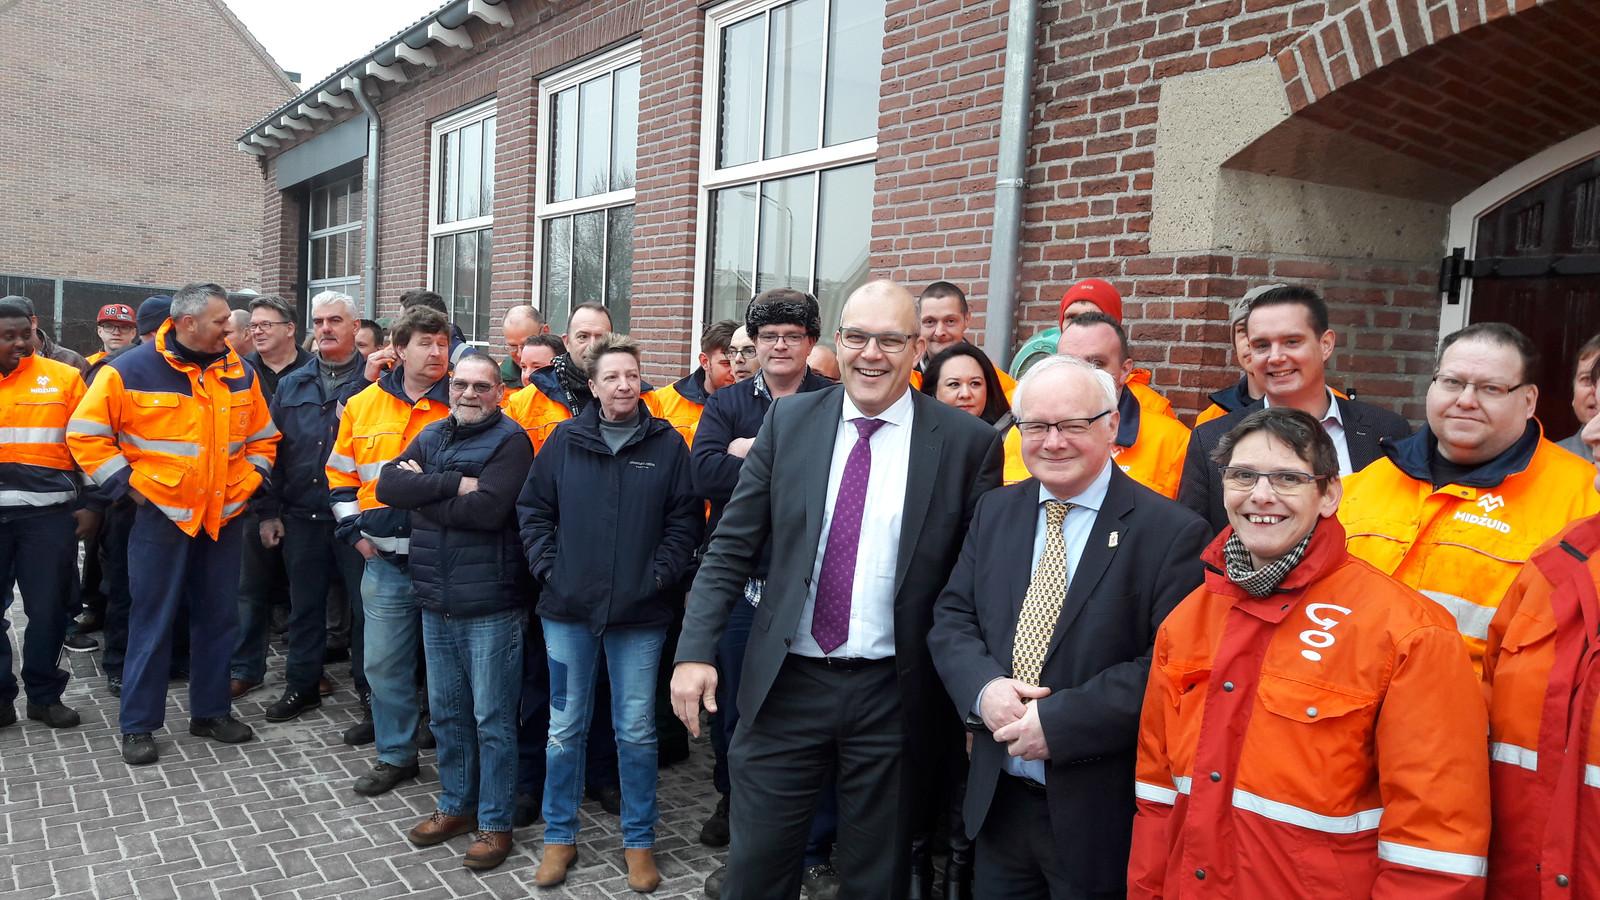 De hele 'Veerse' buitenploeg van MidZuid was bij de opening. Op de voorgrond directeur Egbert Lichtenberg van MidZuid (links) en wethouder Adriaan de Jongh.